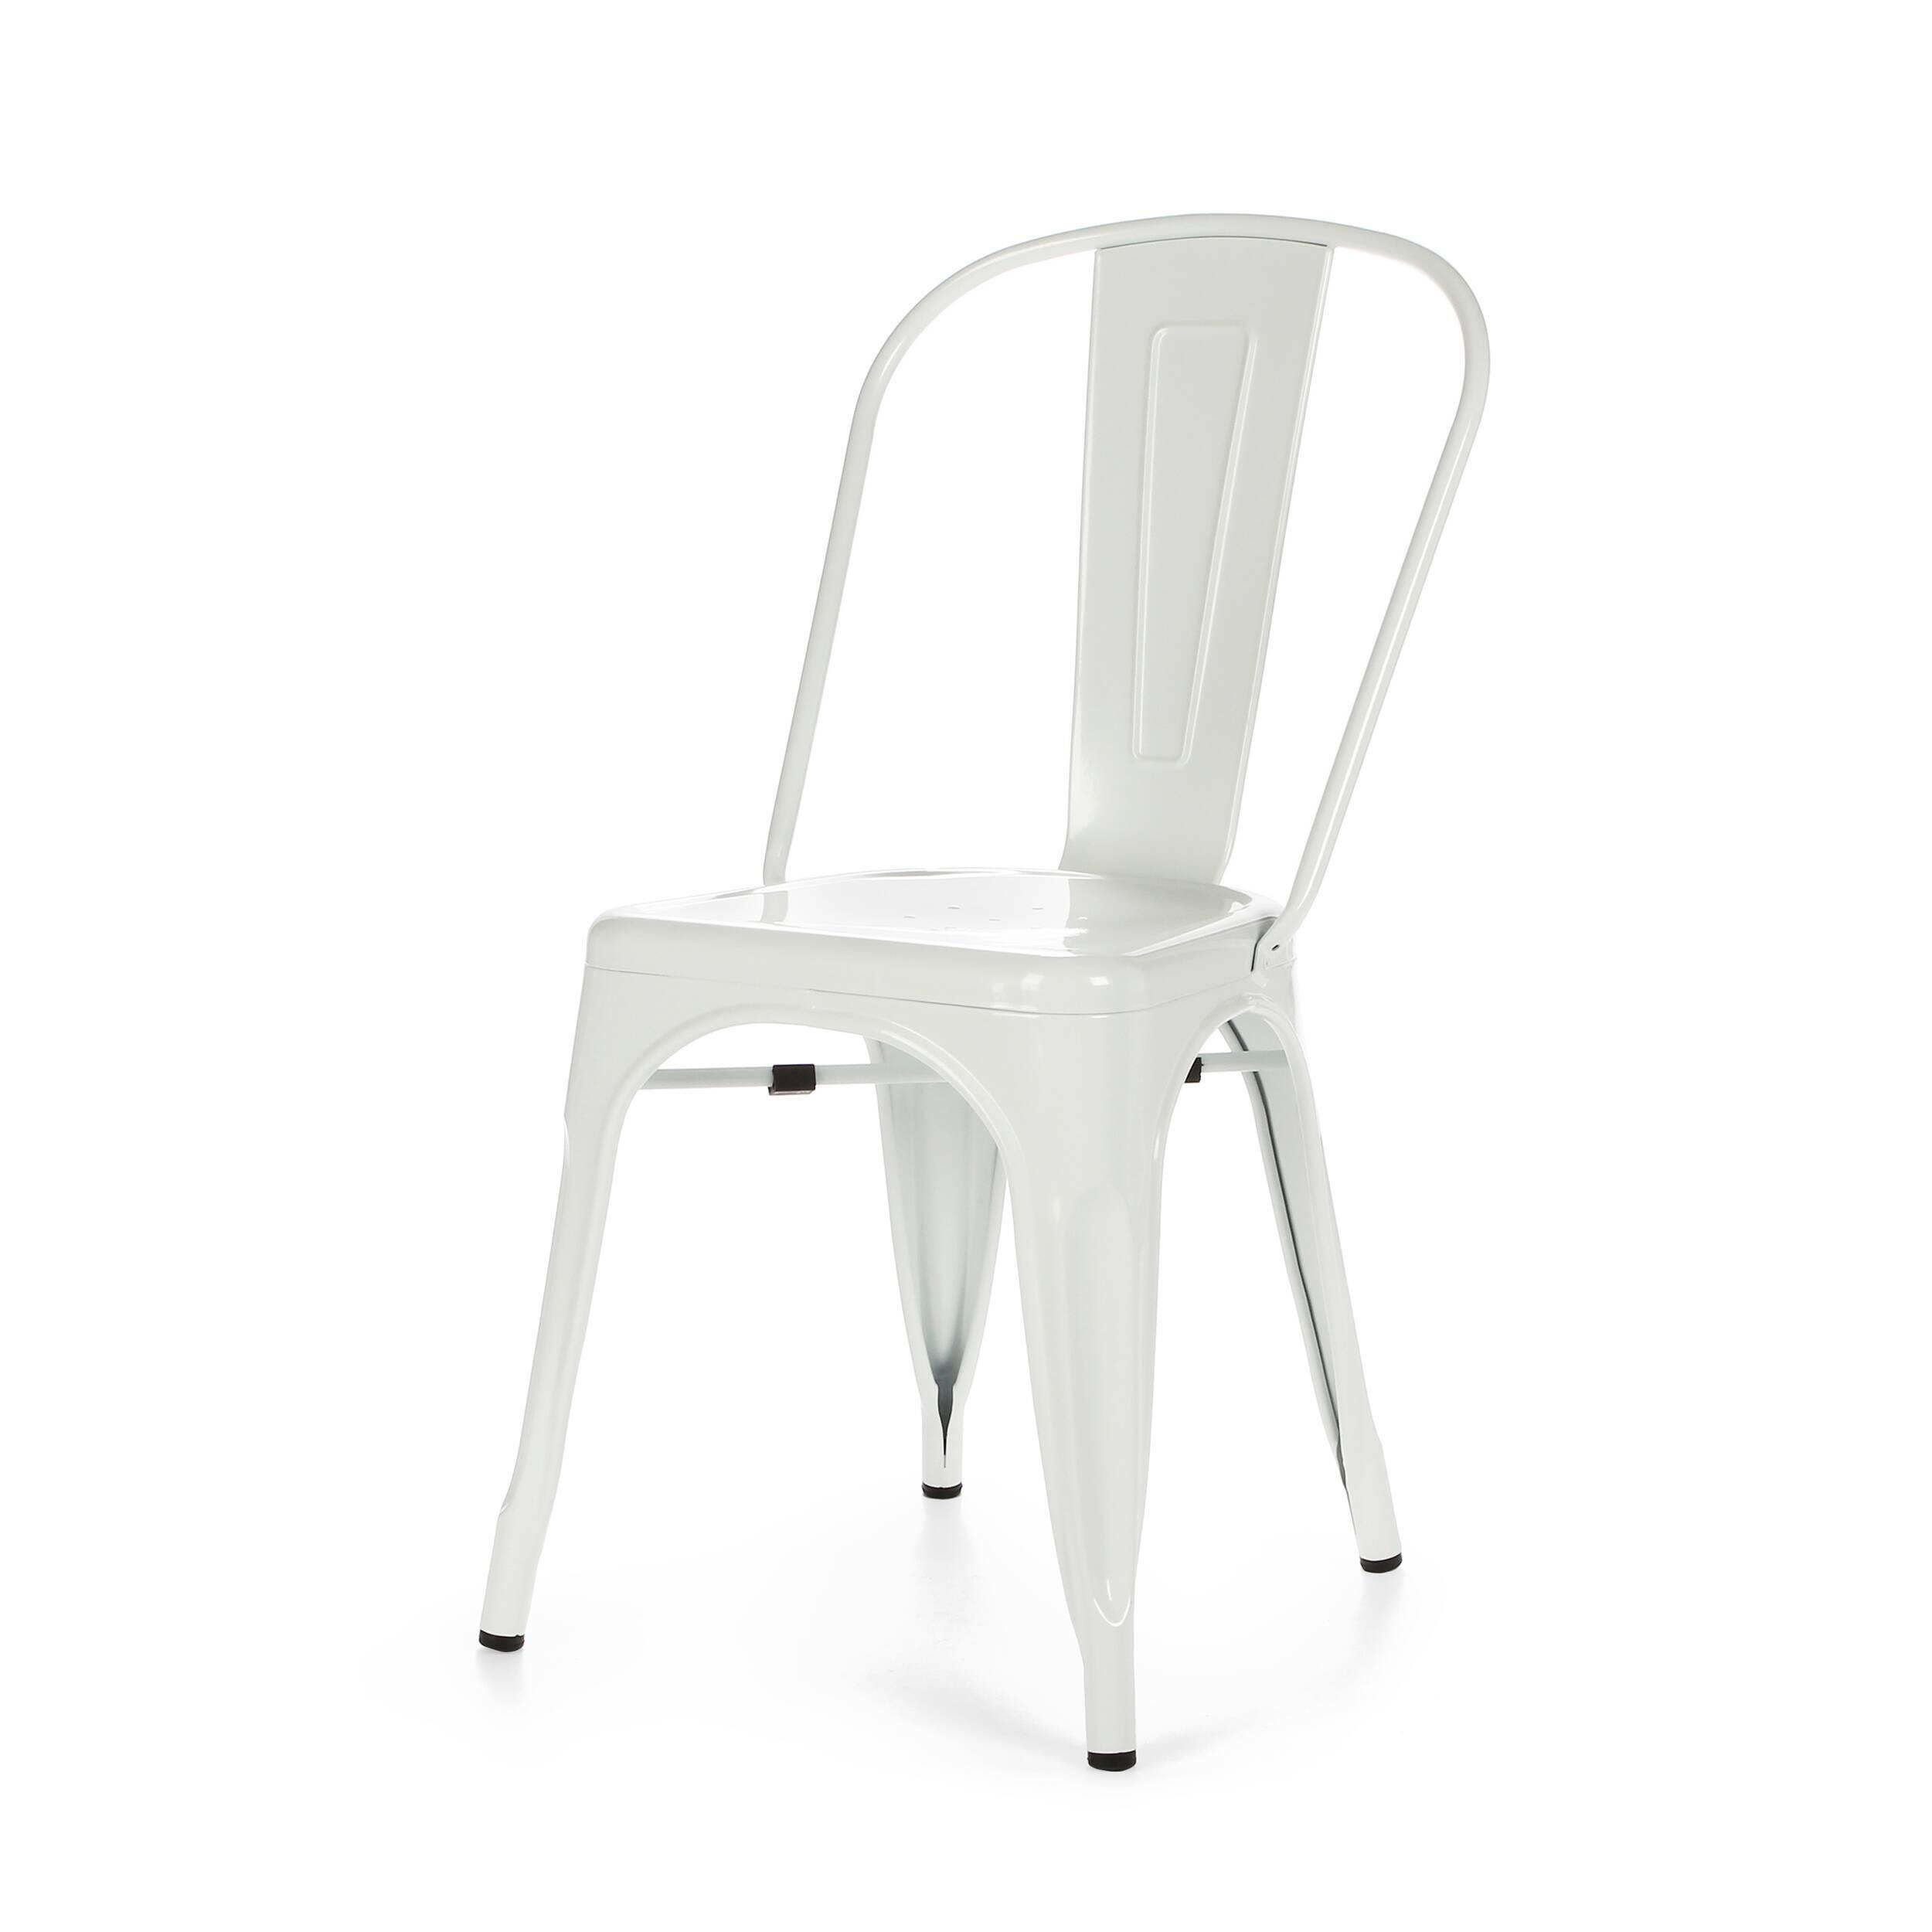 Стул Marais ColorИнтерьерные<br>Дизайнерский яркий однотонный стул Marais Color (Мэрейс Колор) из стали без подлокотников от Cosmo (Космо).<br>Яркий дизайн стула Marais Color непременно понравится вам и вашей семье. Насыщенные цвета задали положительный тон облику изделия, поэтому он невероятно актуален для декорирования гостиных, детских и кухонь в стиле лофт. Лофт — это сочетание старого (кирпичные, отштукатуренные или крашеные стены, дощатый пол) и нового (стекло, металл, ультрасовременная бытовая техника).<br><br>     Примеча...<br><br>stock: 11<br>Высота: 84,5<br>Высота сиденья: 46<br>Ширина: 53<br>Глубина: 45<br>Тип материала каркаса: Сталь<br>Цвет каркаса: Белый